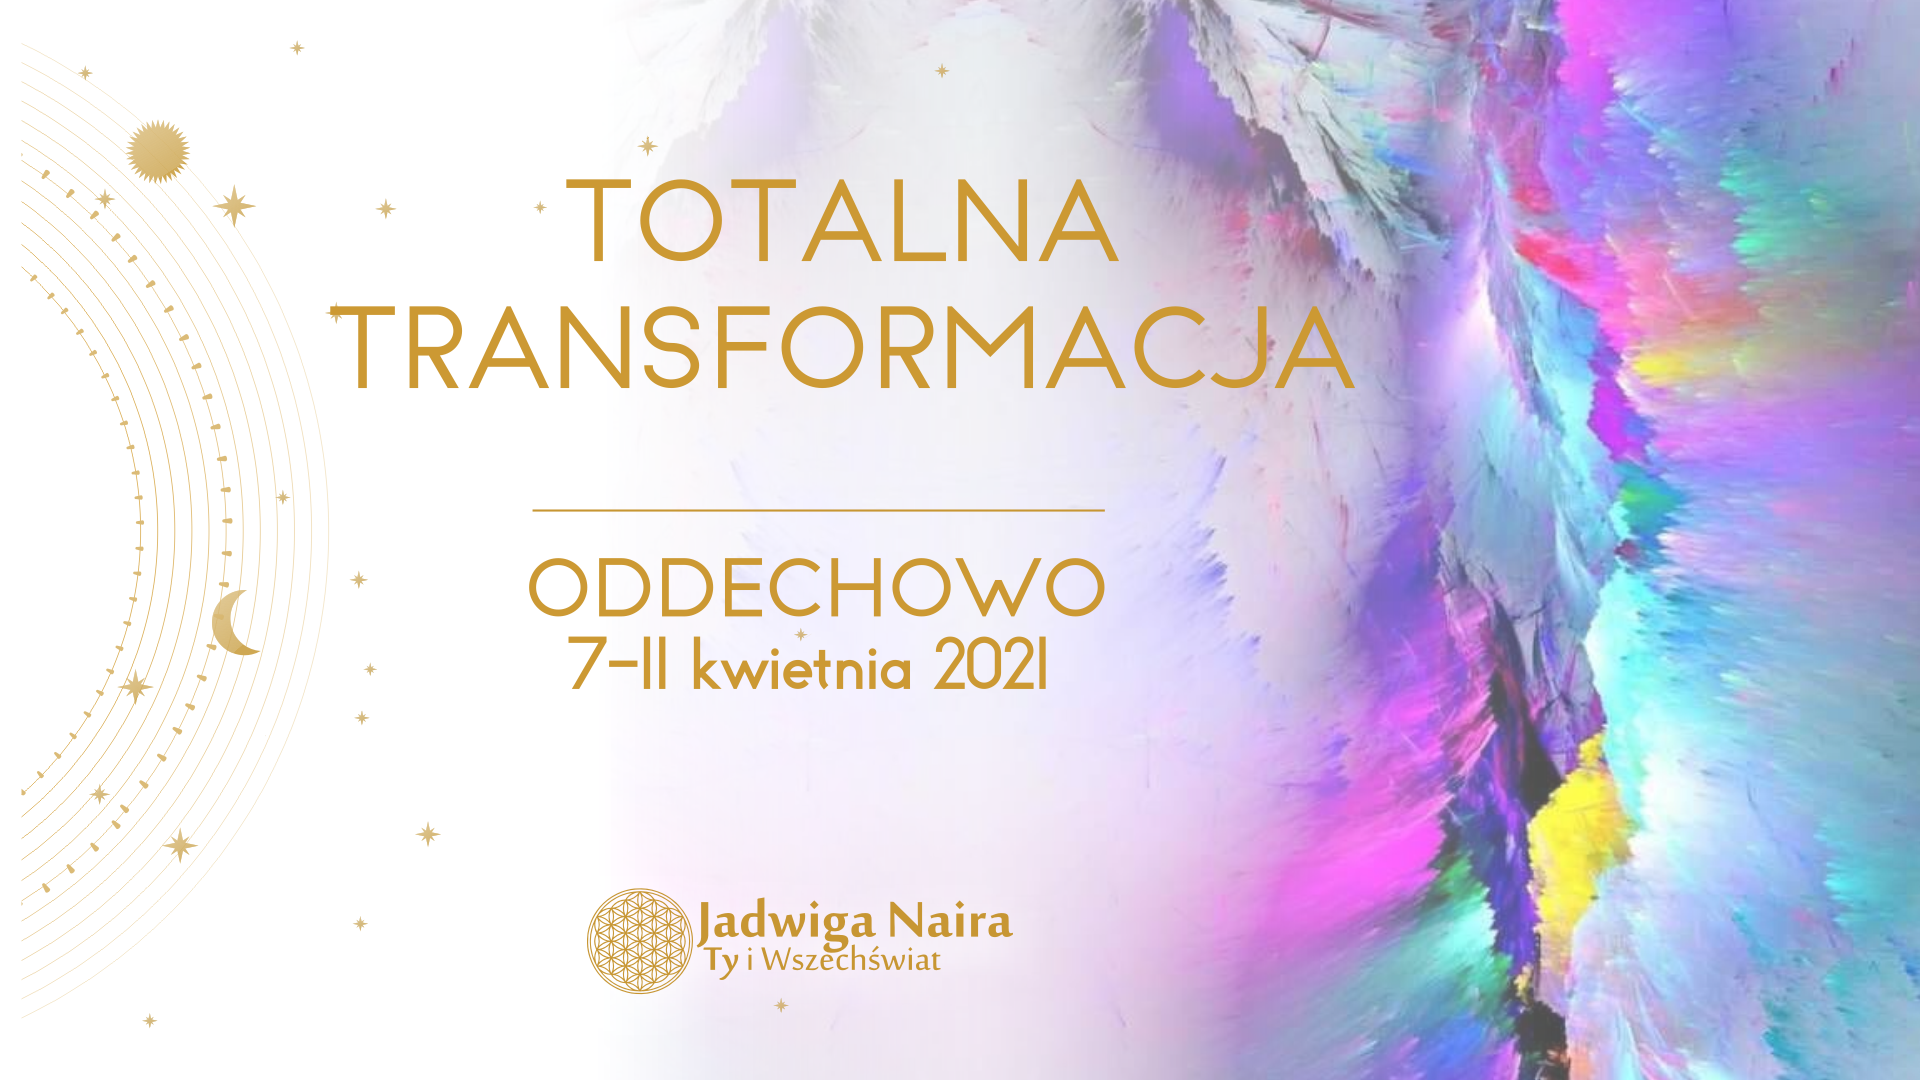 Totalna Transformacja / kwiecień 2021